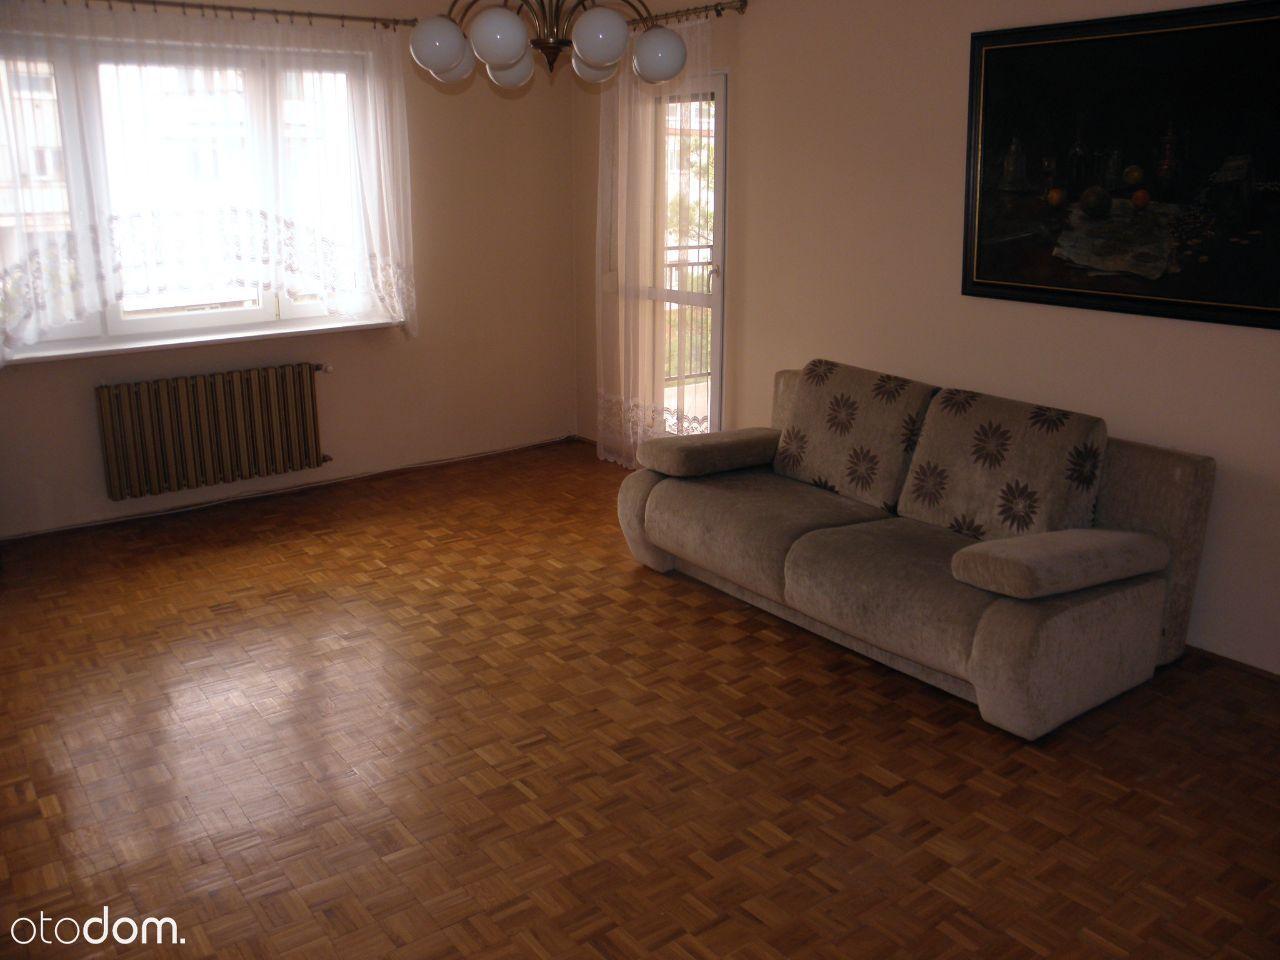 Dodatkowe 3 pokoje, mieszkanie na sprzedaż - Poznań, Jeżyce, Strzeszyn HM58